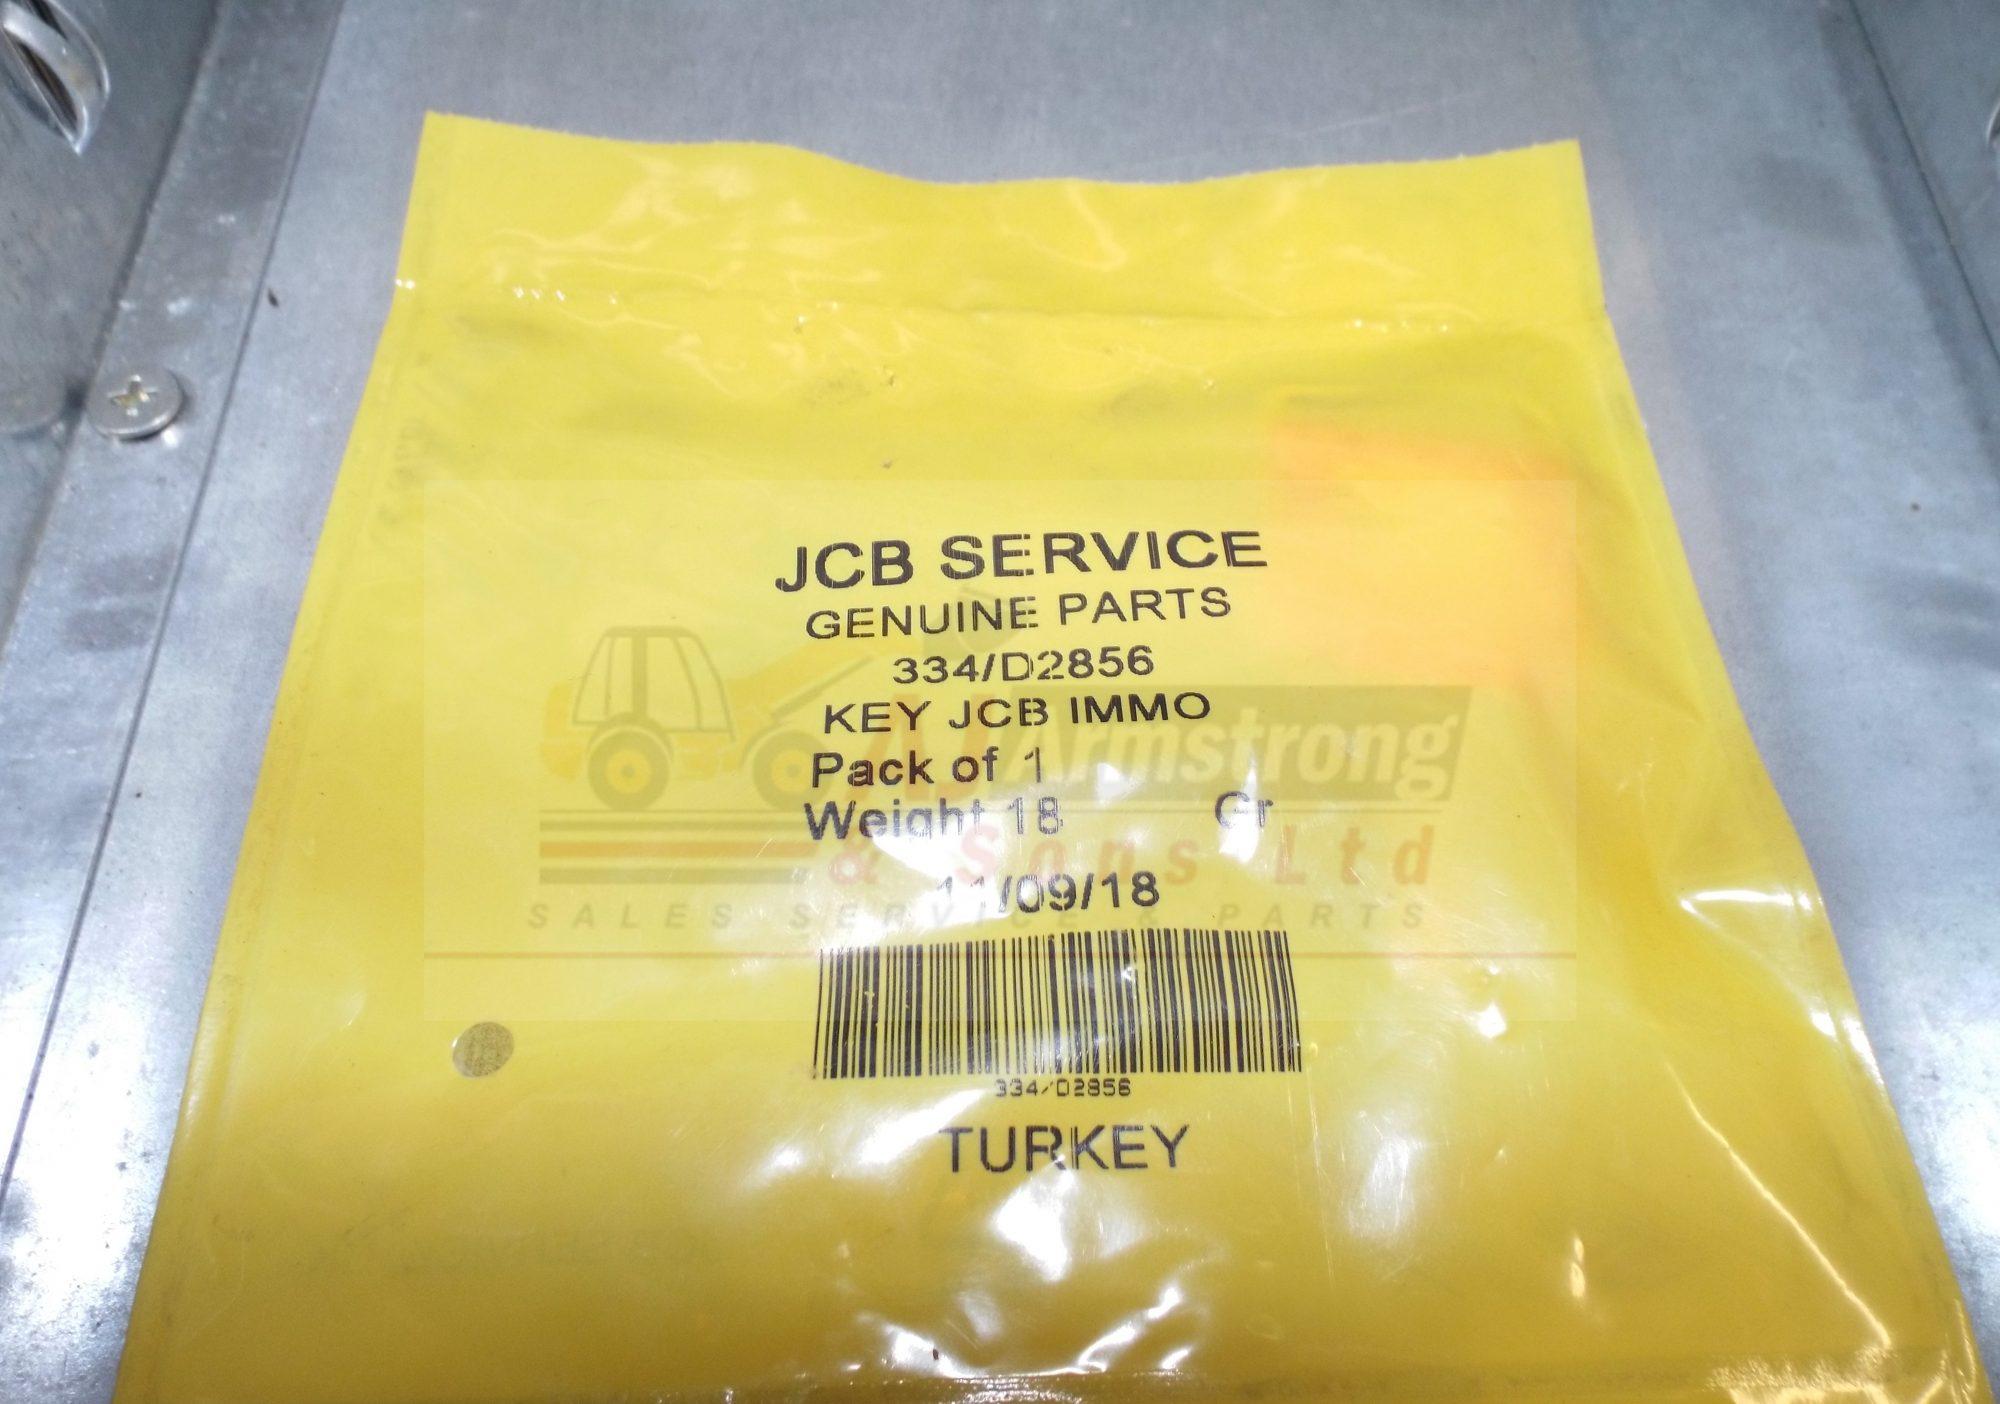 JCB Key Immobiliser Red (Master) (334/D2856)